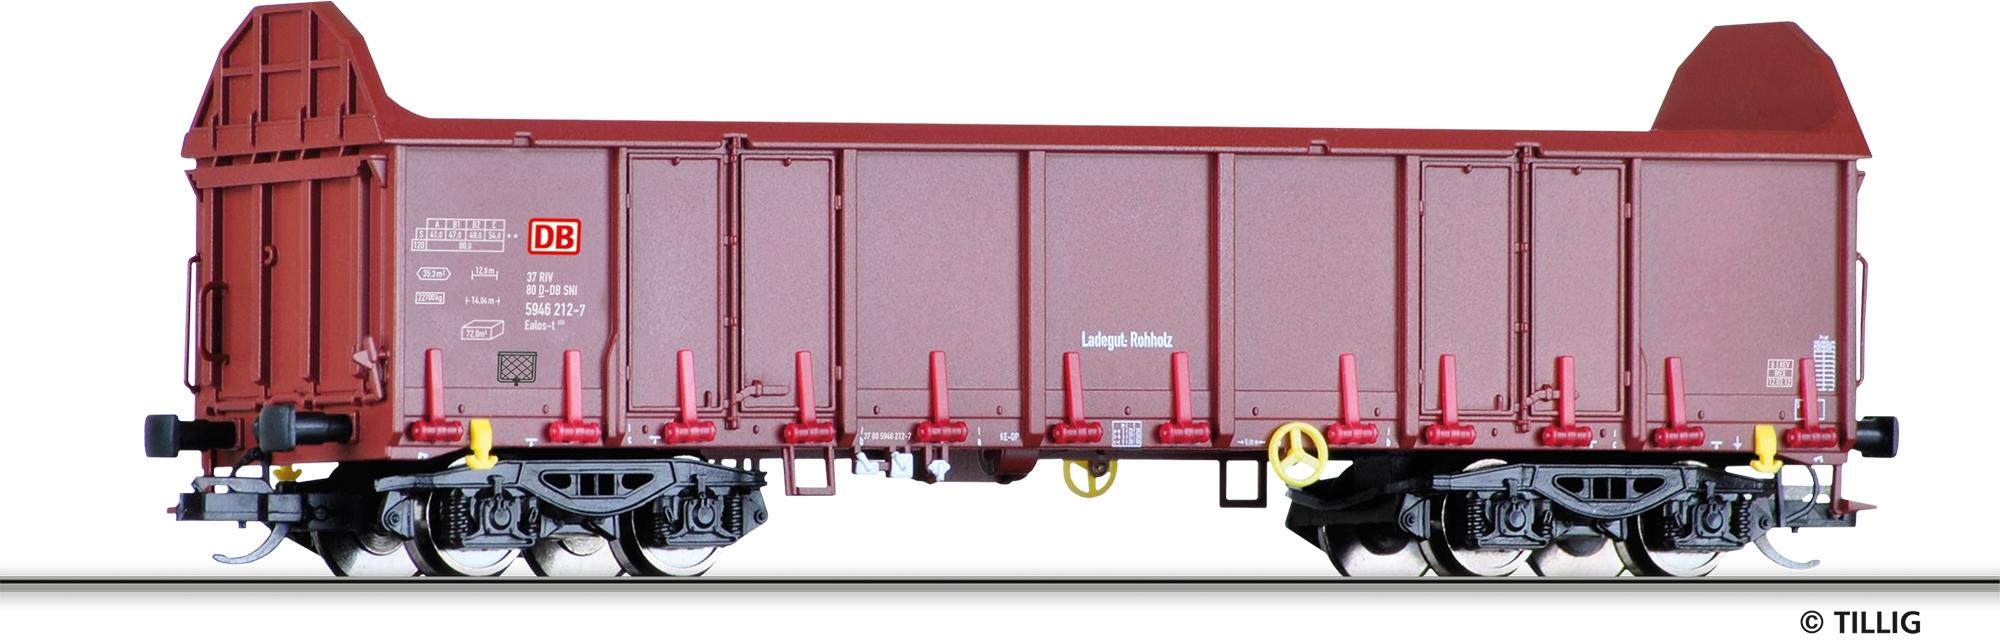 Tillig 15273 TT Offener Güterwagen Ealos-t 058